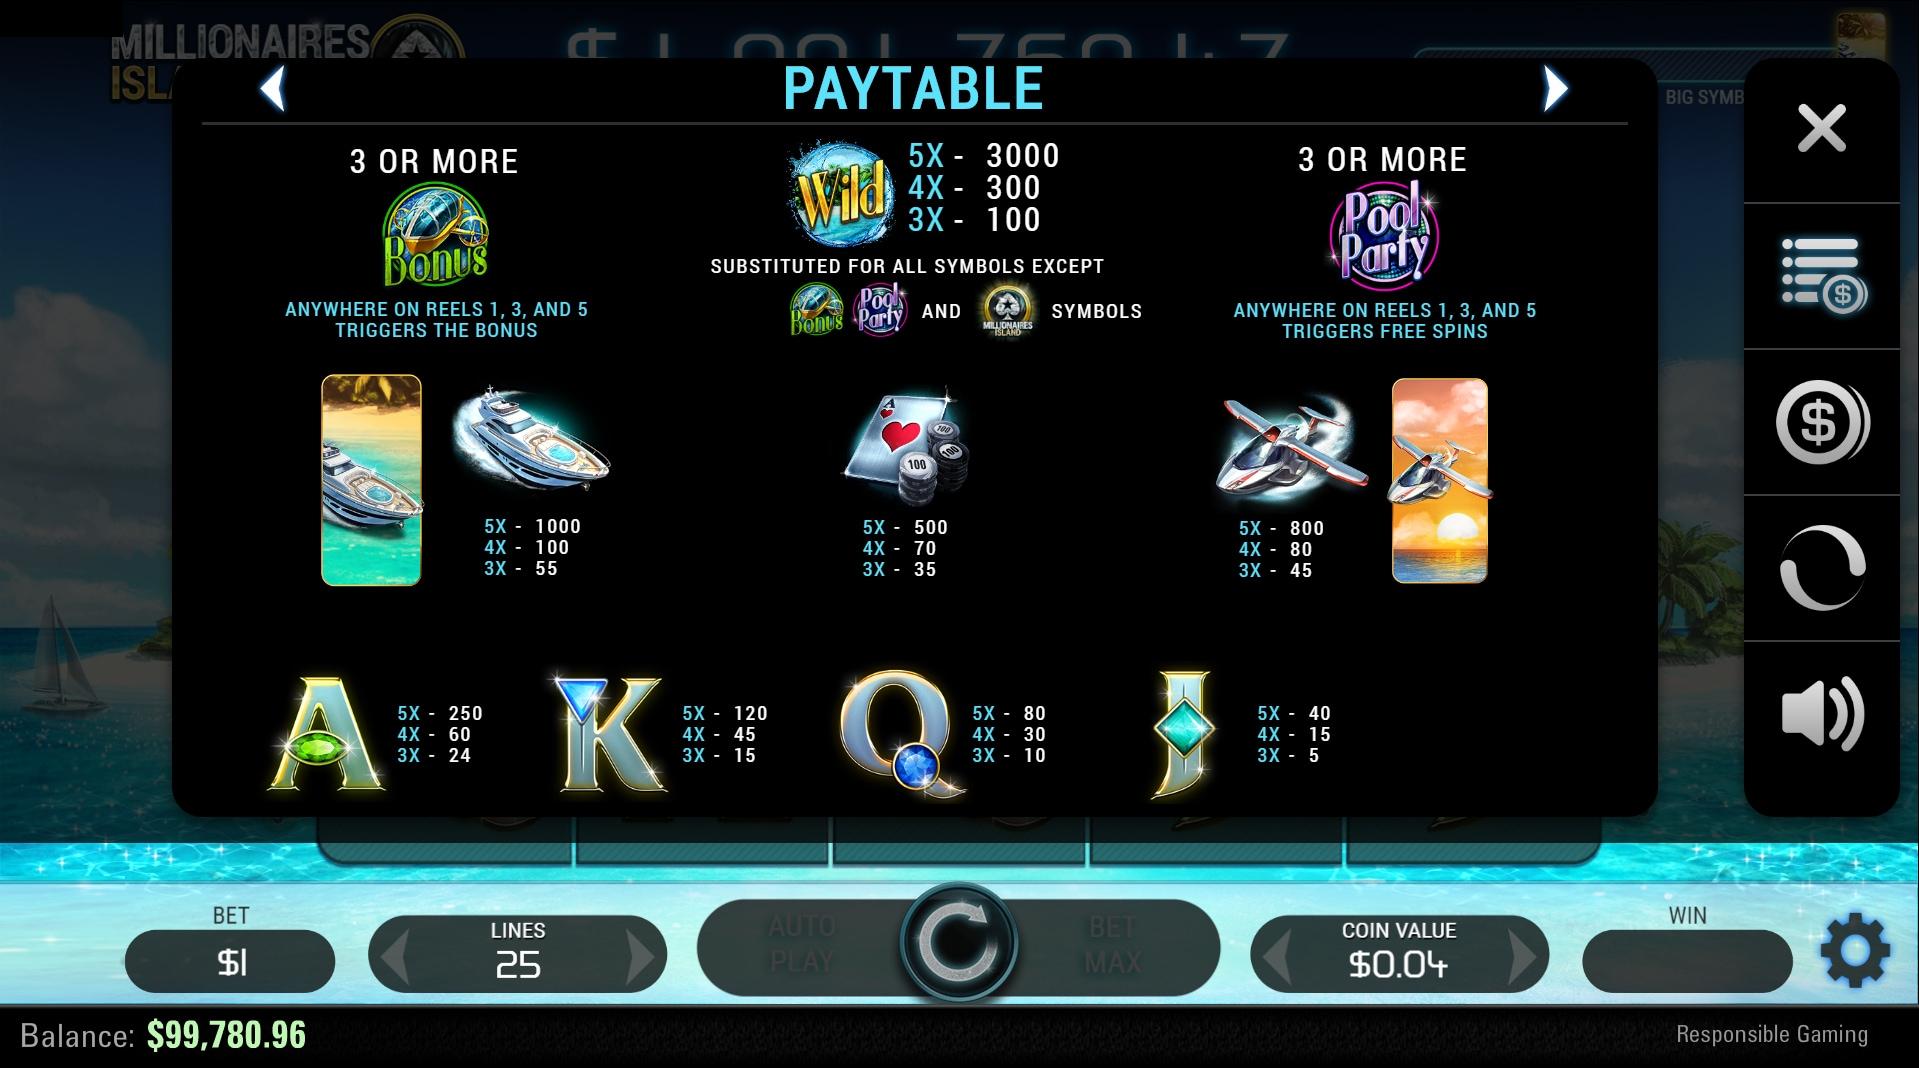 millionaires-island-paytable-2.jpg